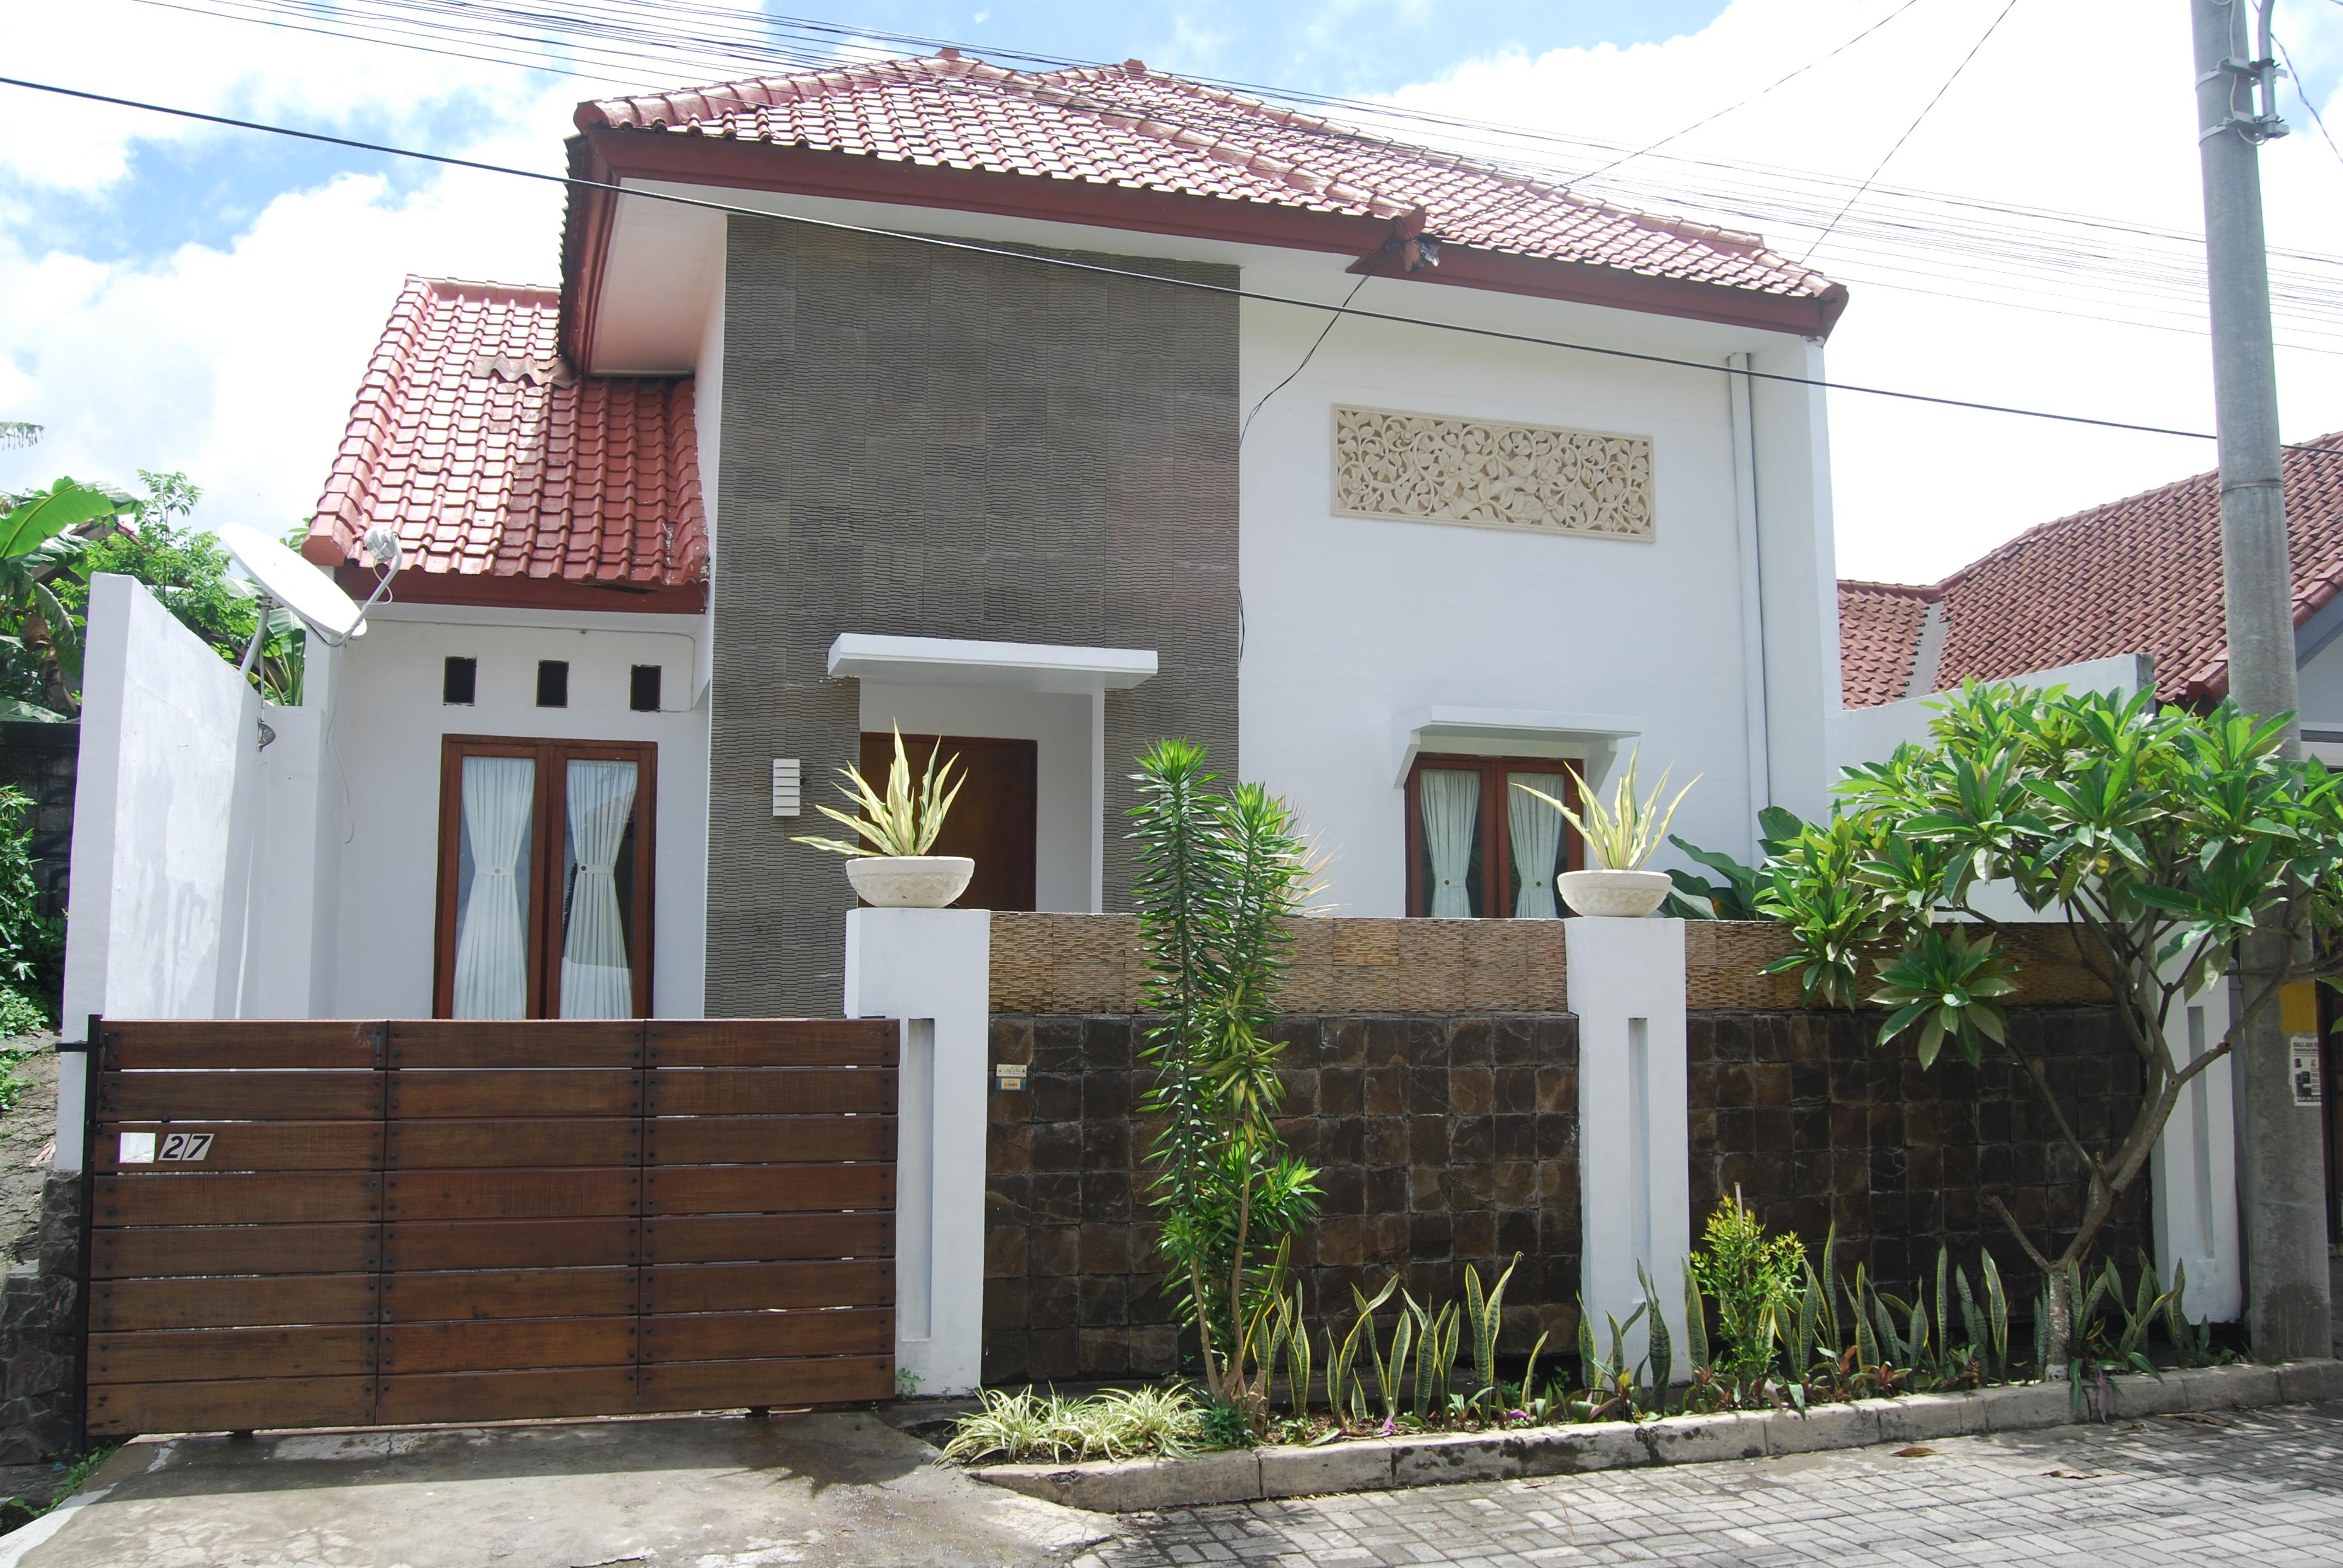 Sewa Rumah Di Bali Sewa Rumah Dan Villa Di Bali